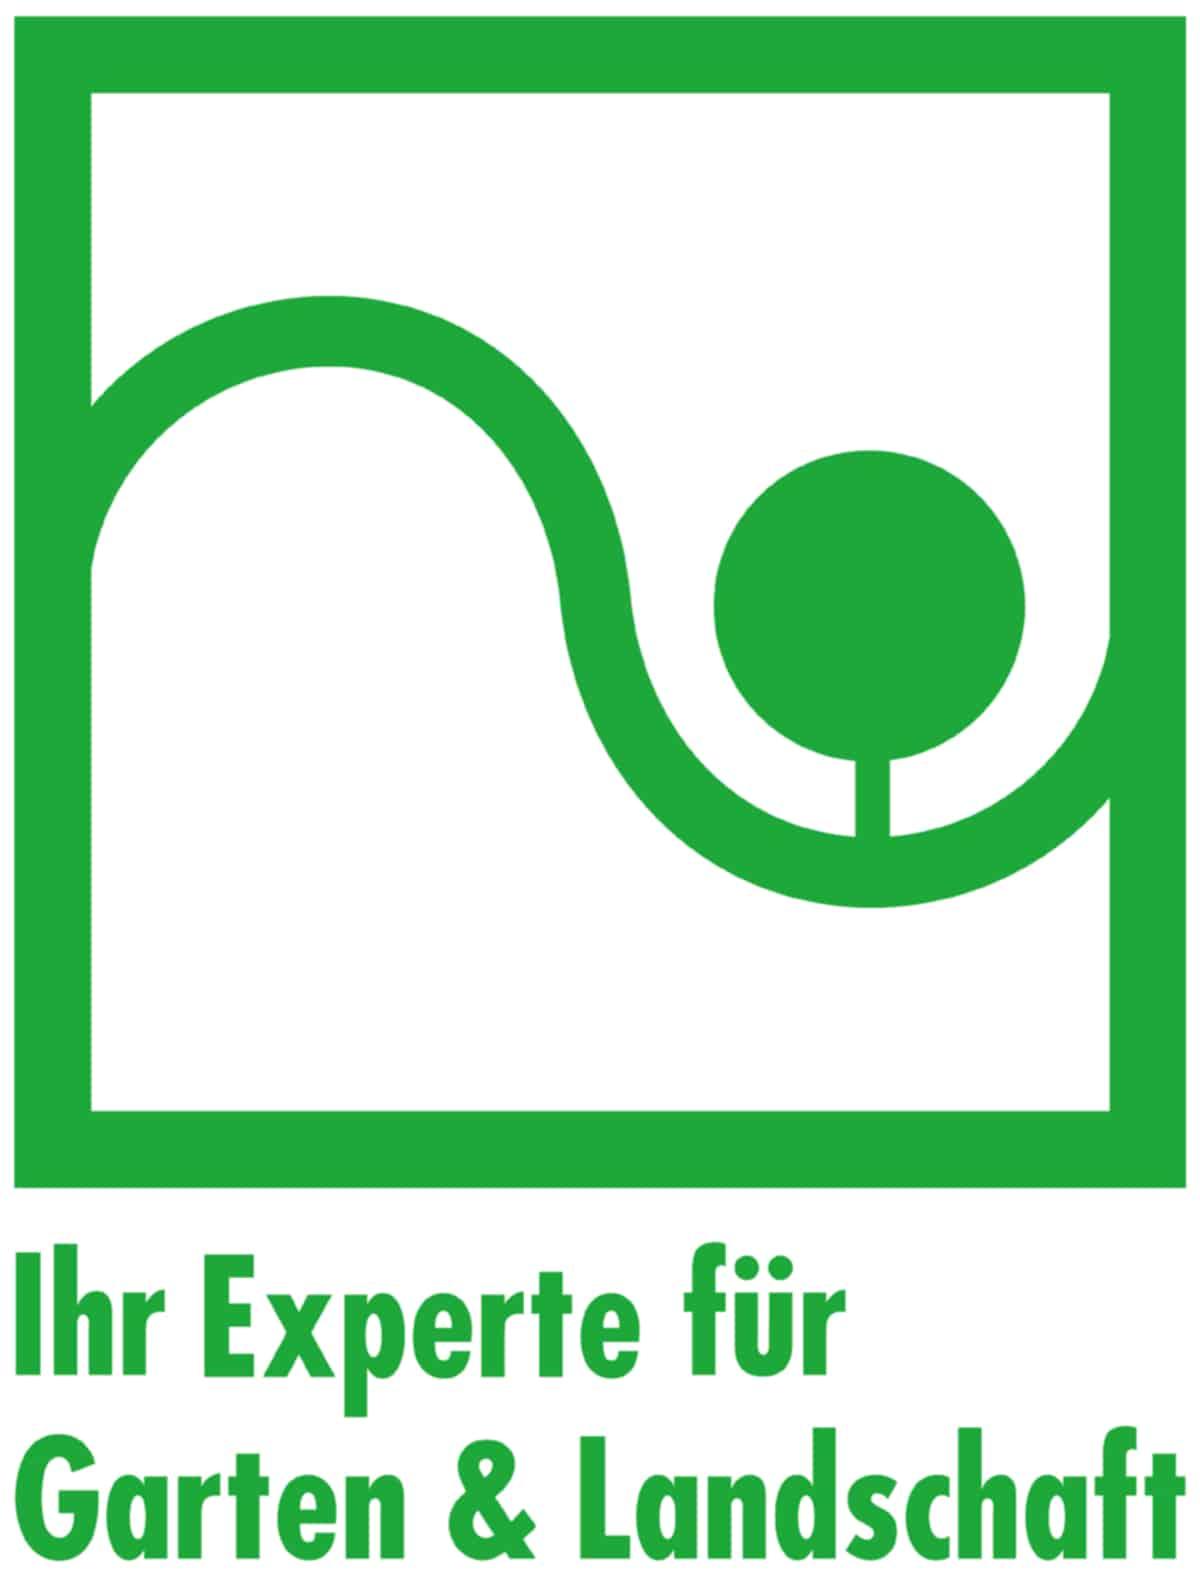 Signum+Experte-grün